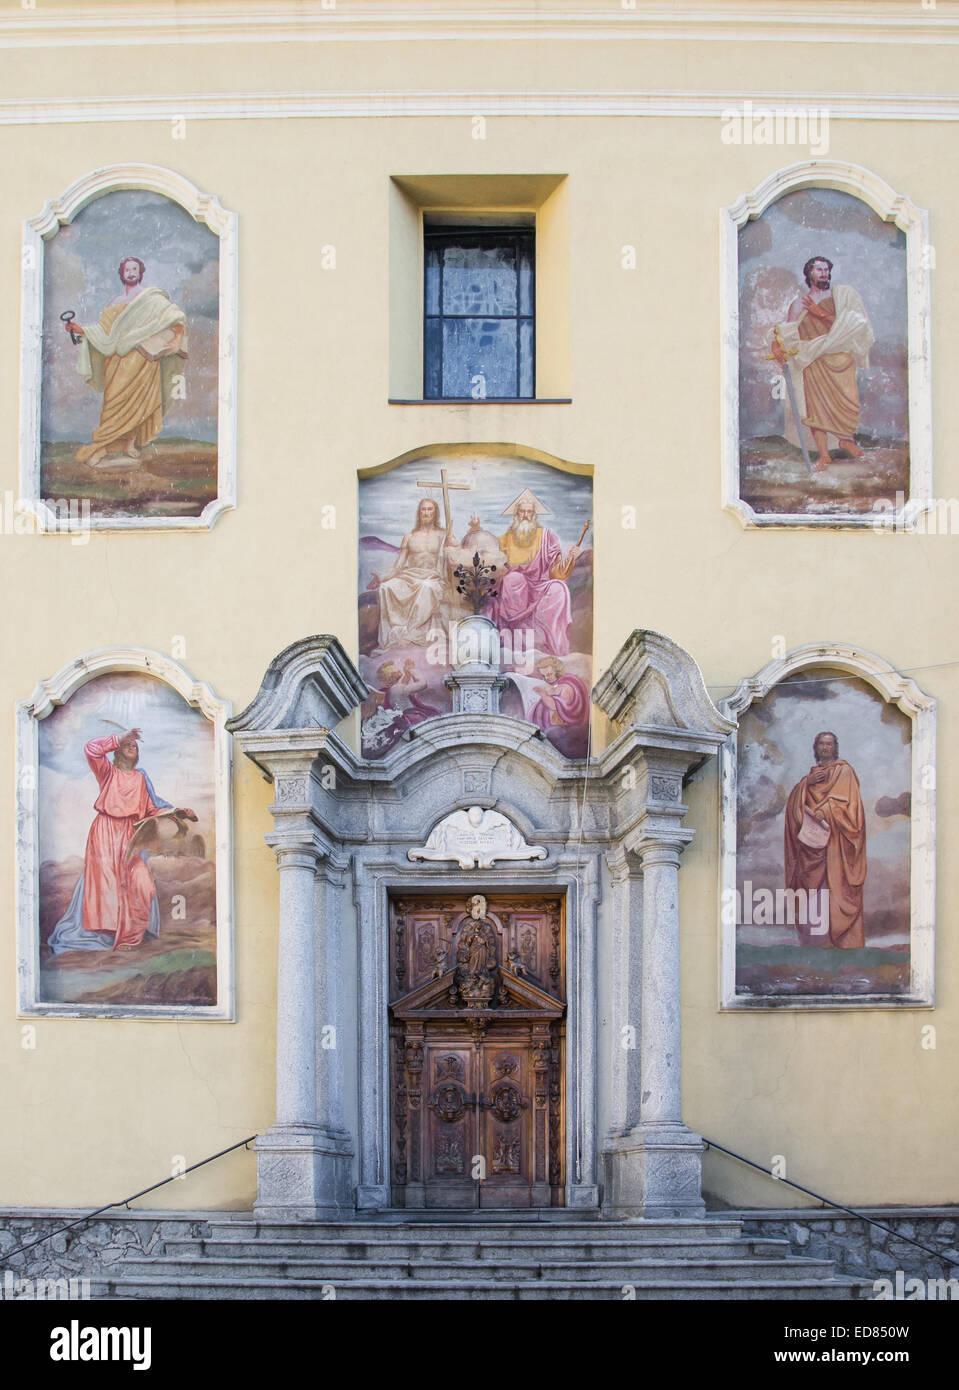 church of Santissima Trinità in Ponte di Legno, Italy - Stock Image